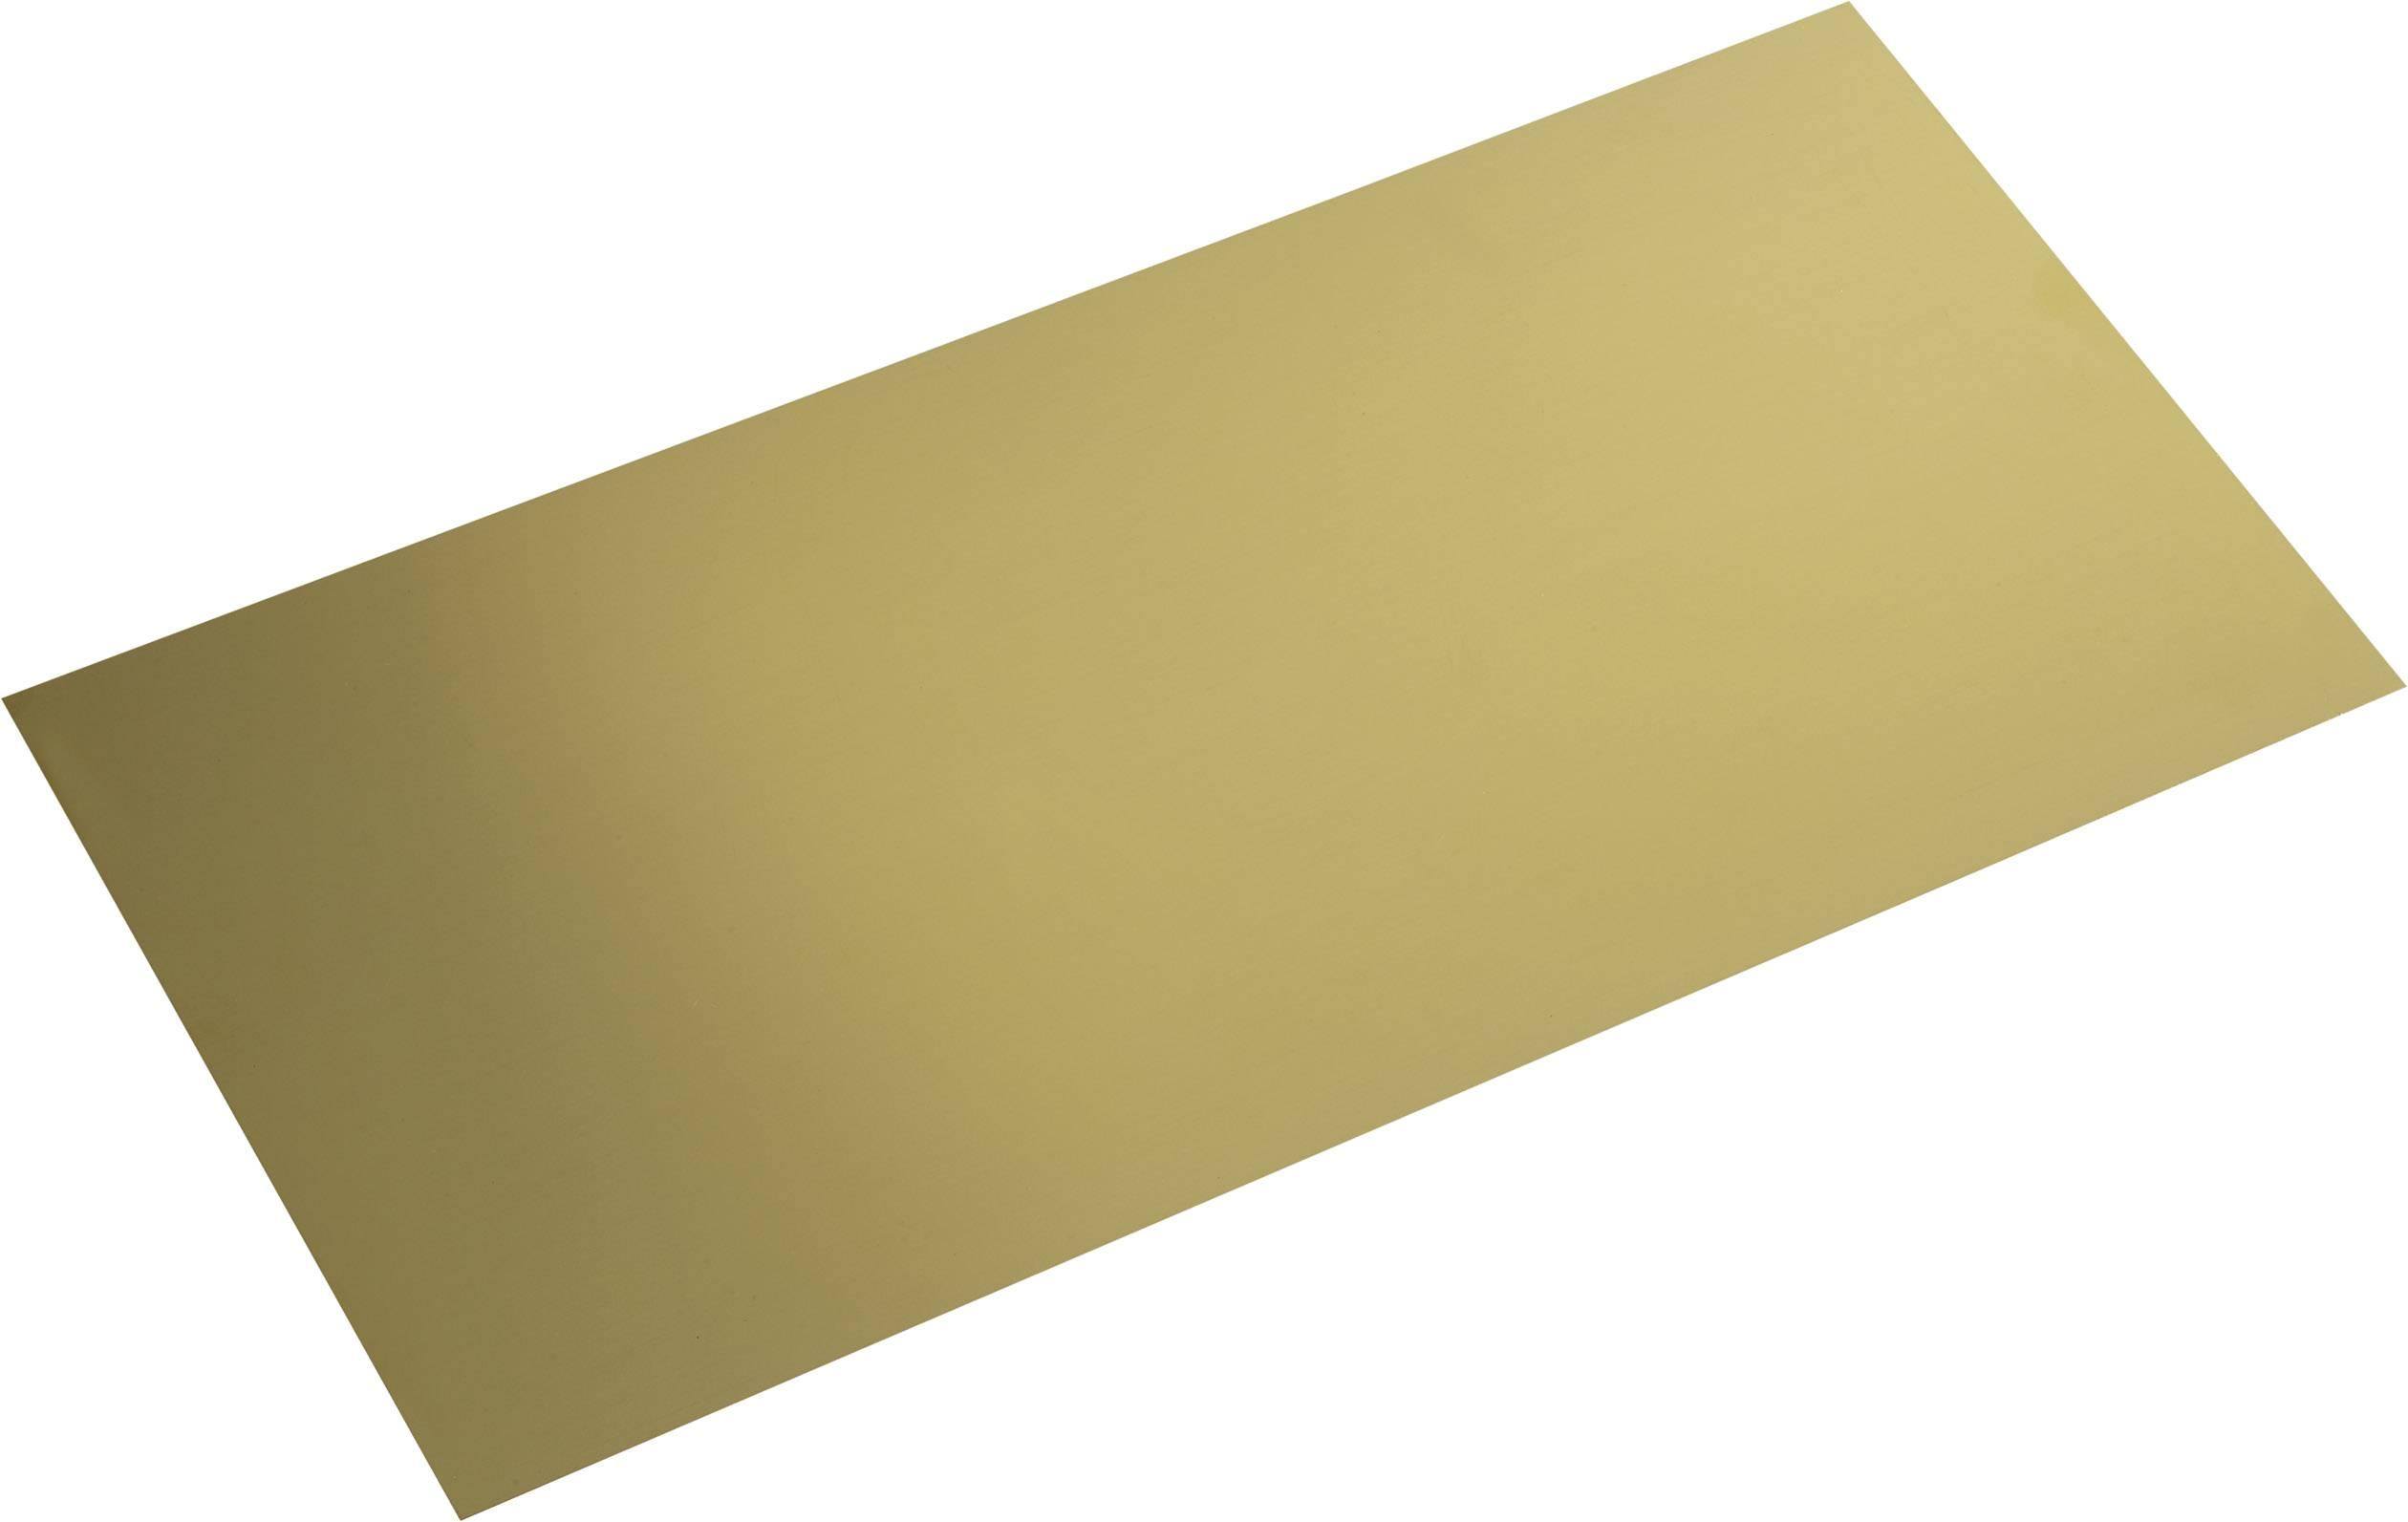 Mosazná deska Modelcraft, 400 x 200 x 0,3 mm